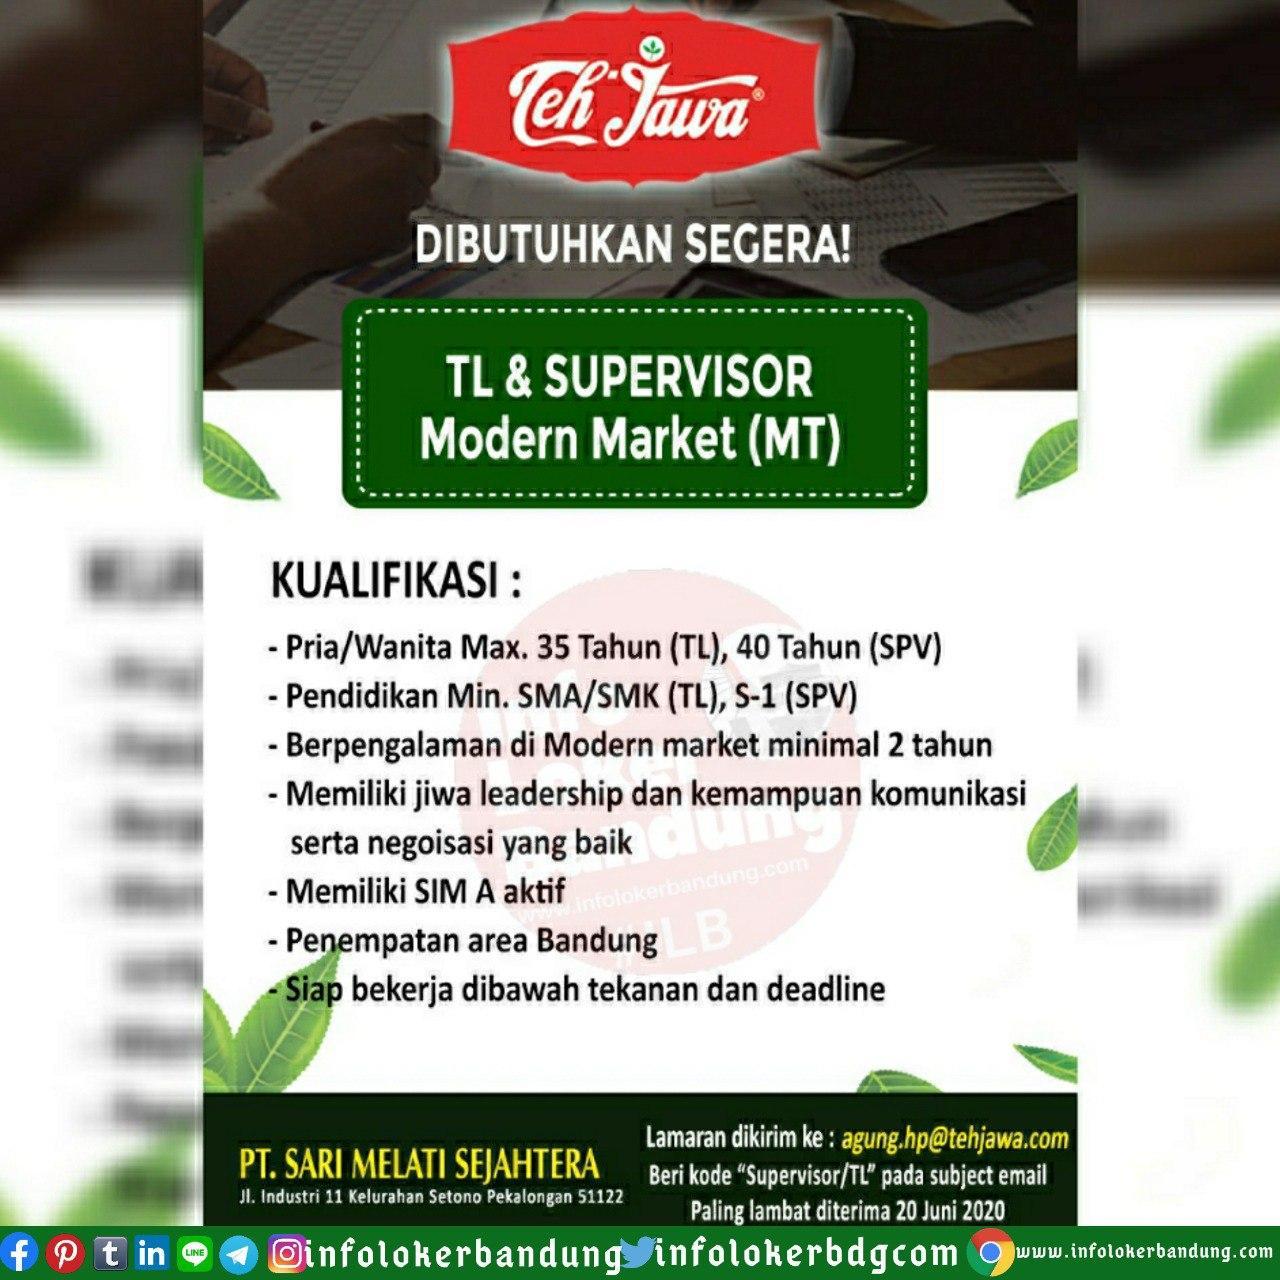 Lowongan Kerja PT. Sari Melati Sejahtera ( Teh Jawa ) Bandung Juni 2020